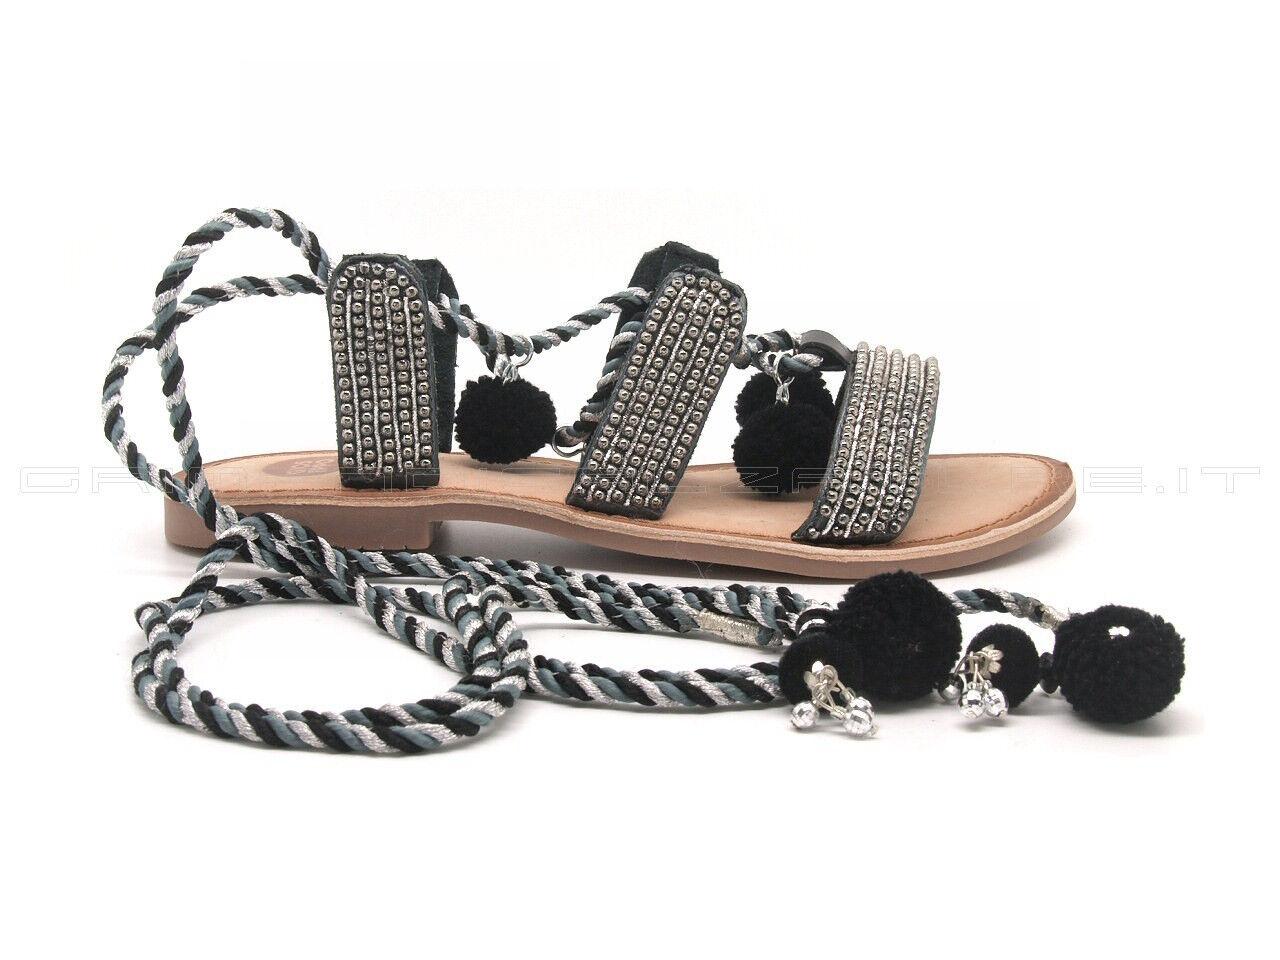 Gioseppo Sandale laccio alla schiava e pon pon, tomaia pelle nera con perline